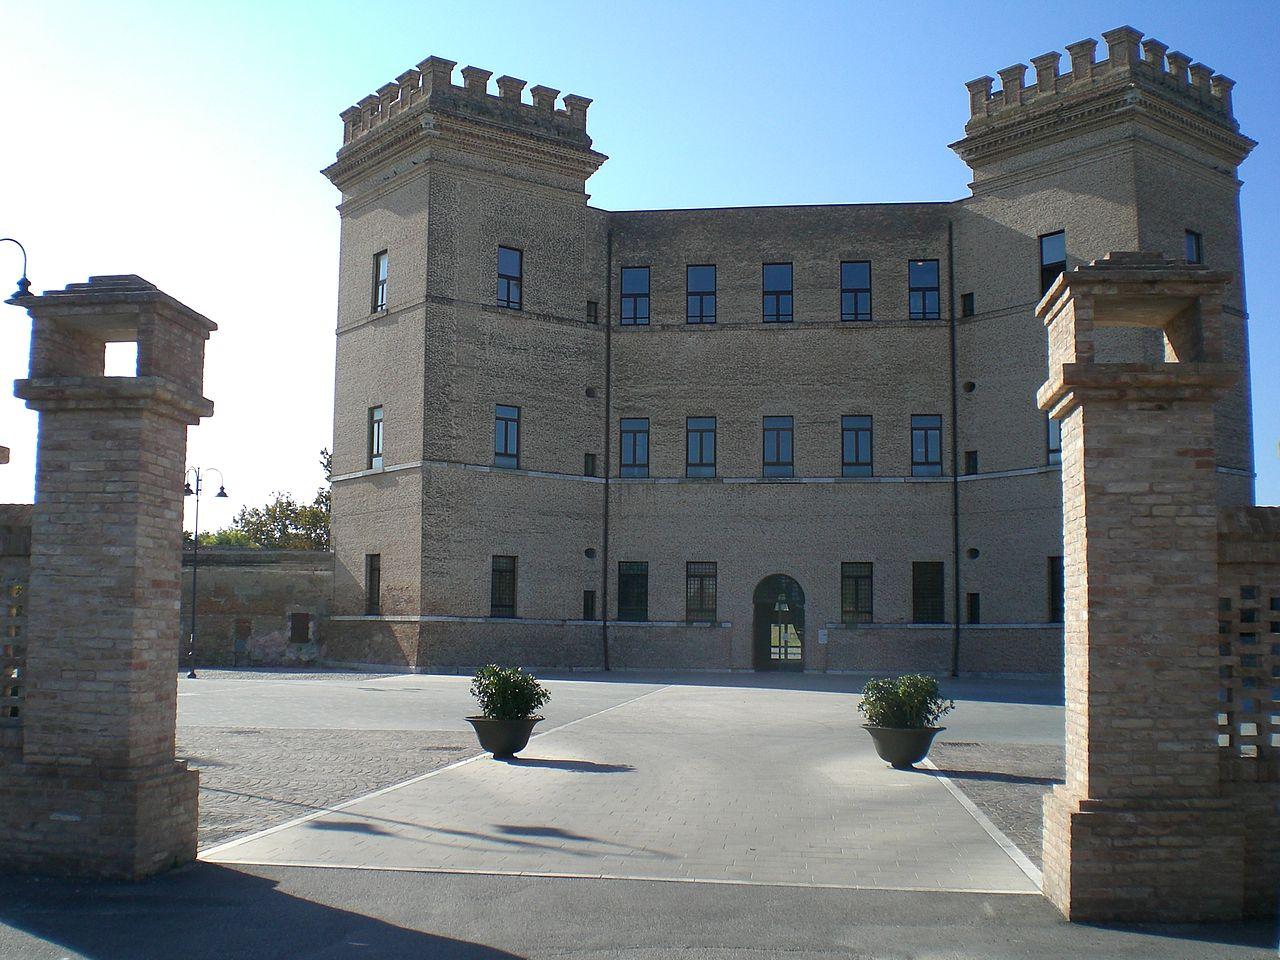 https://upload.wikimedia.org/wikipedia/commons/thumb/4/4e/Castello_Mesola.jpg/1280px-Castello_Mesola.jpg